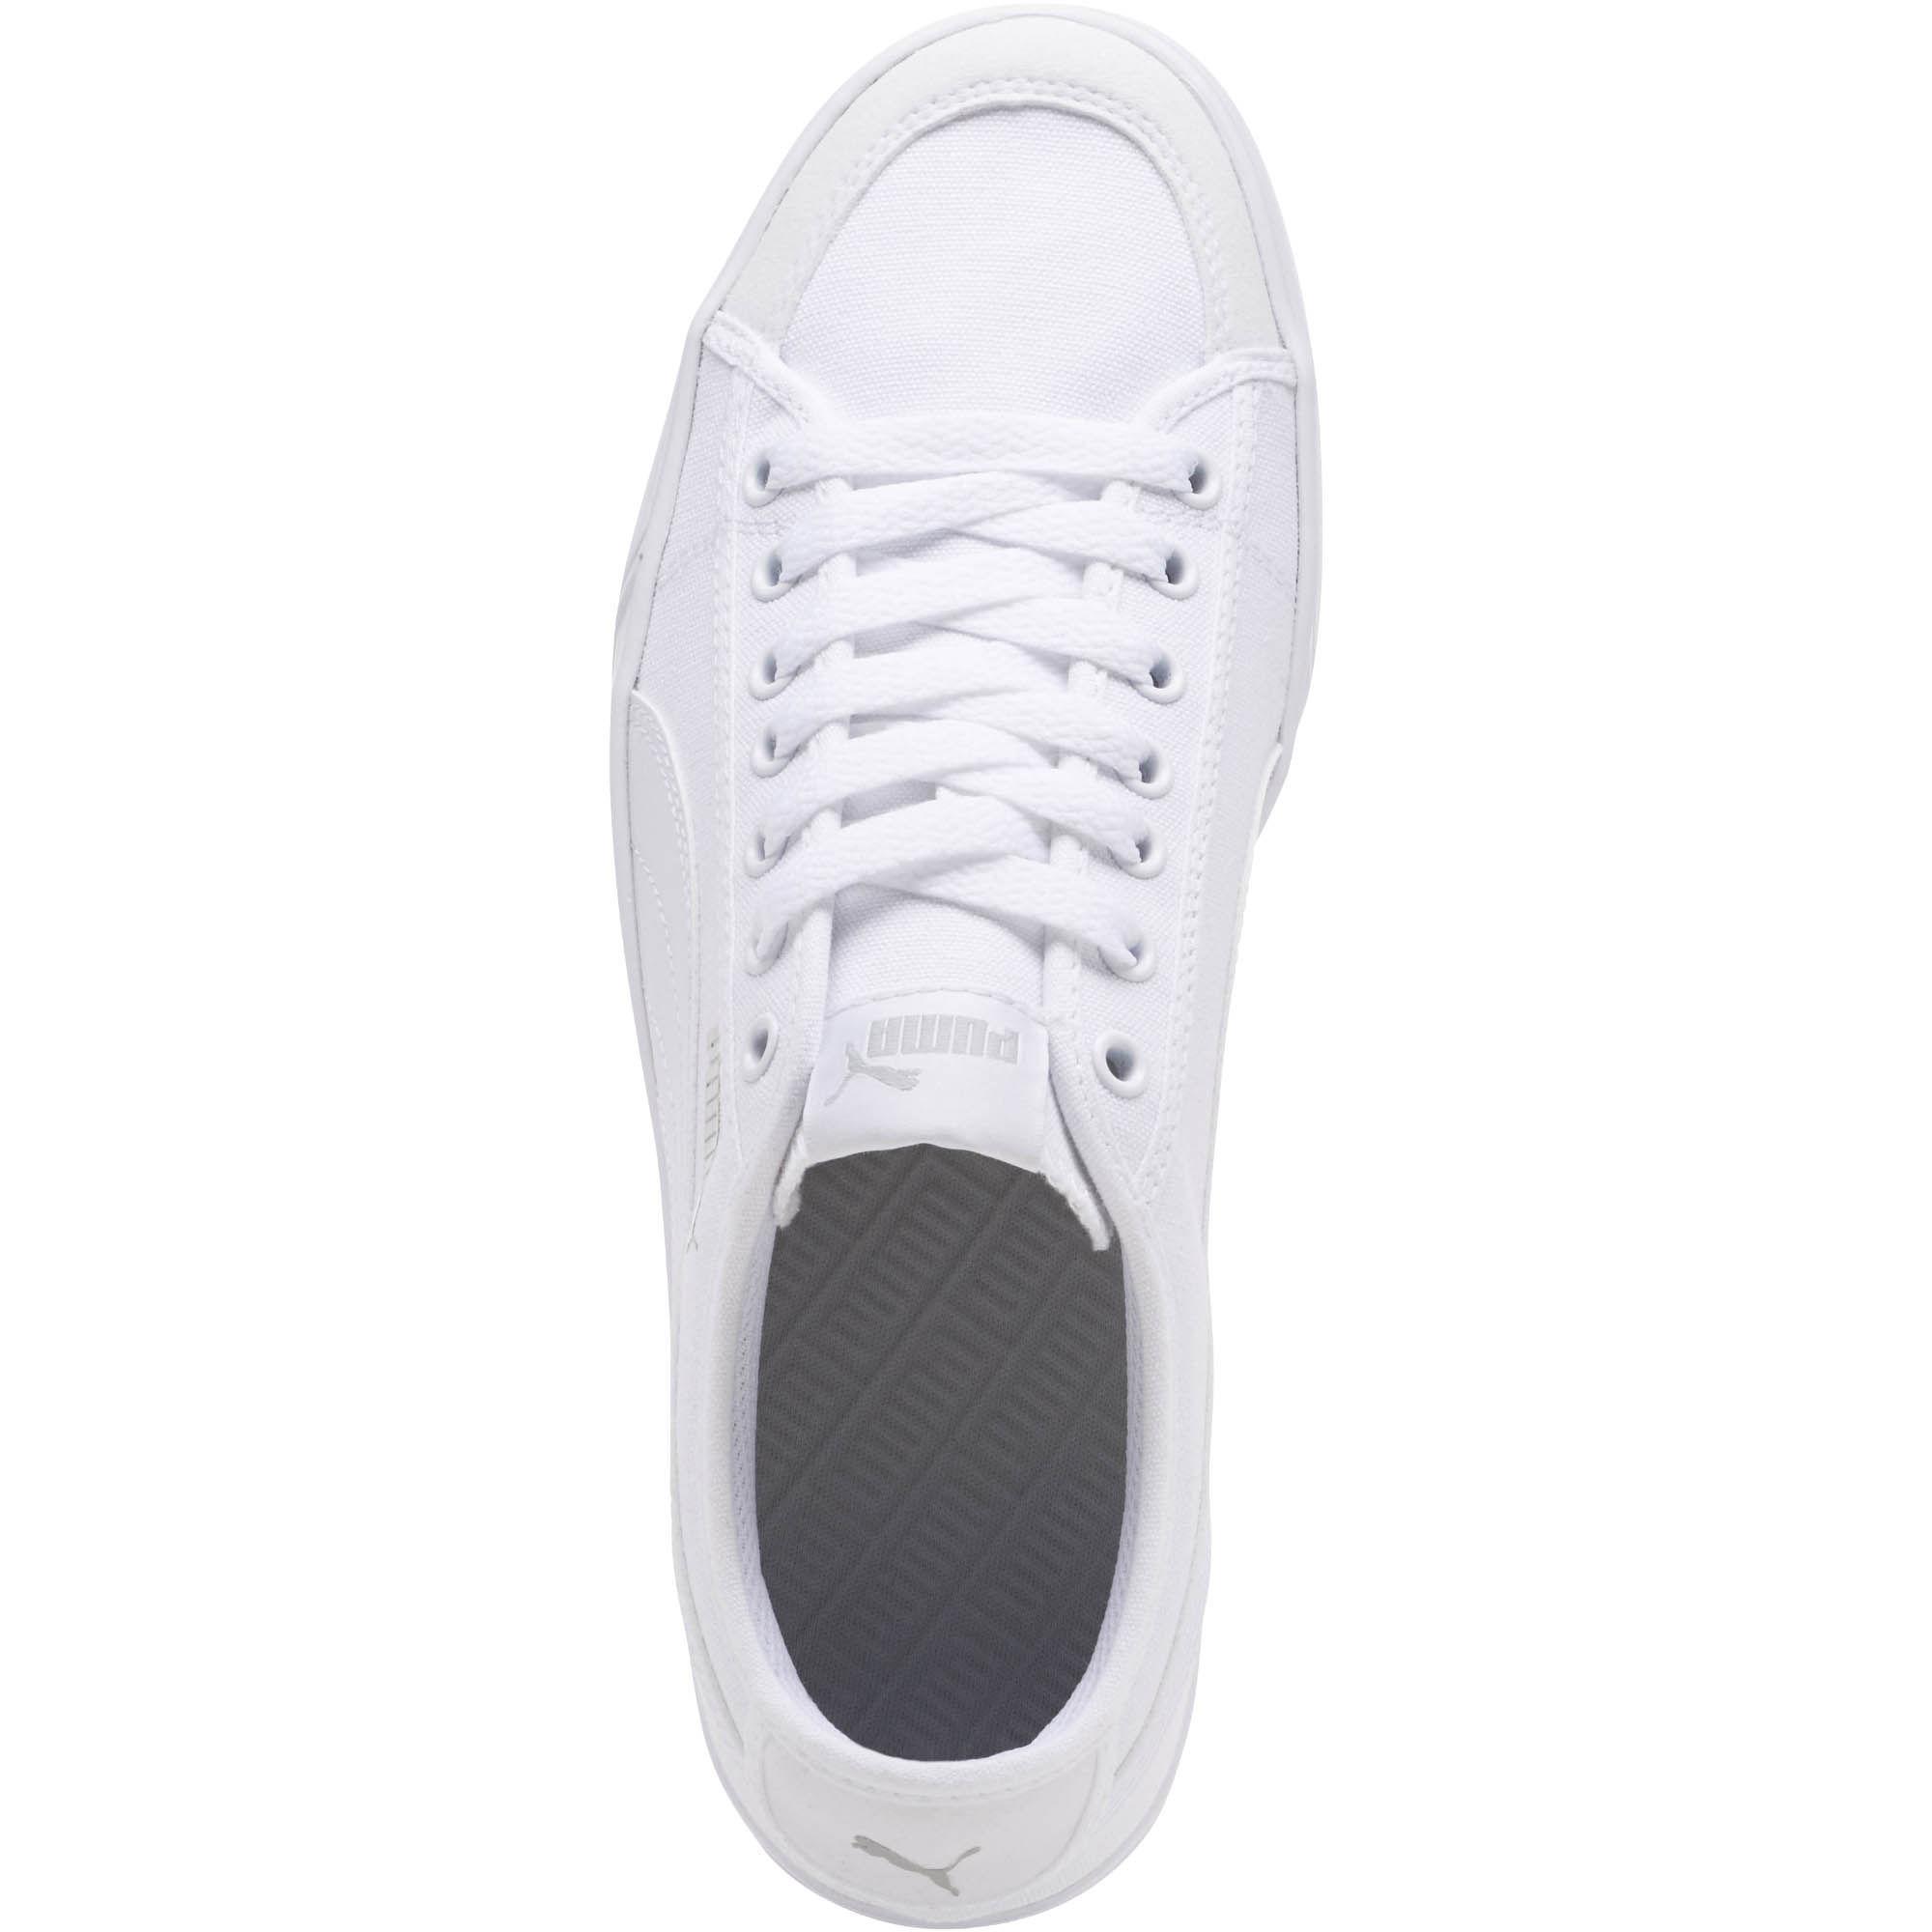 9d688e4b16fc43 Lyst - PUMA Smash V2 Vulc Cv Men s Sneakers in White for Men